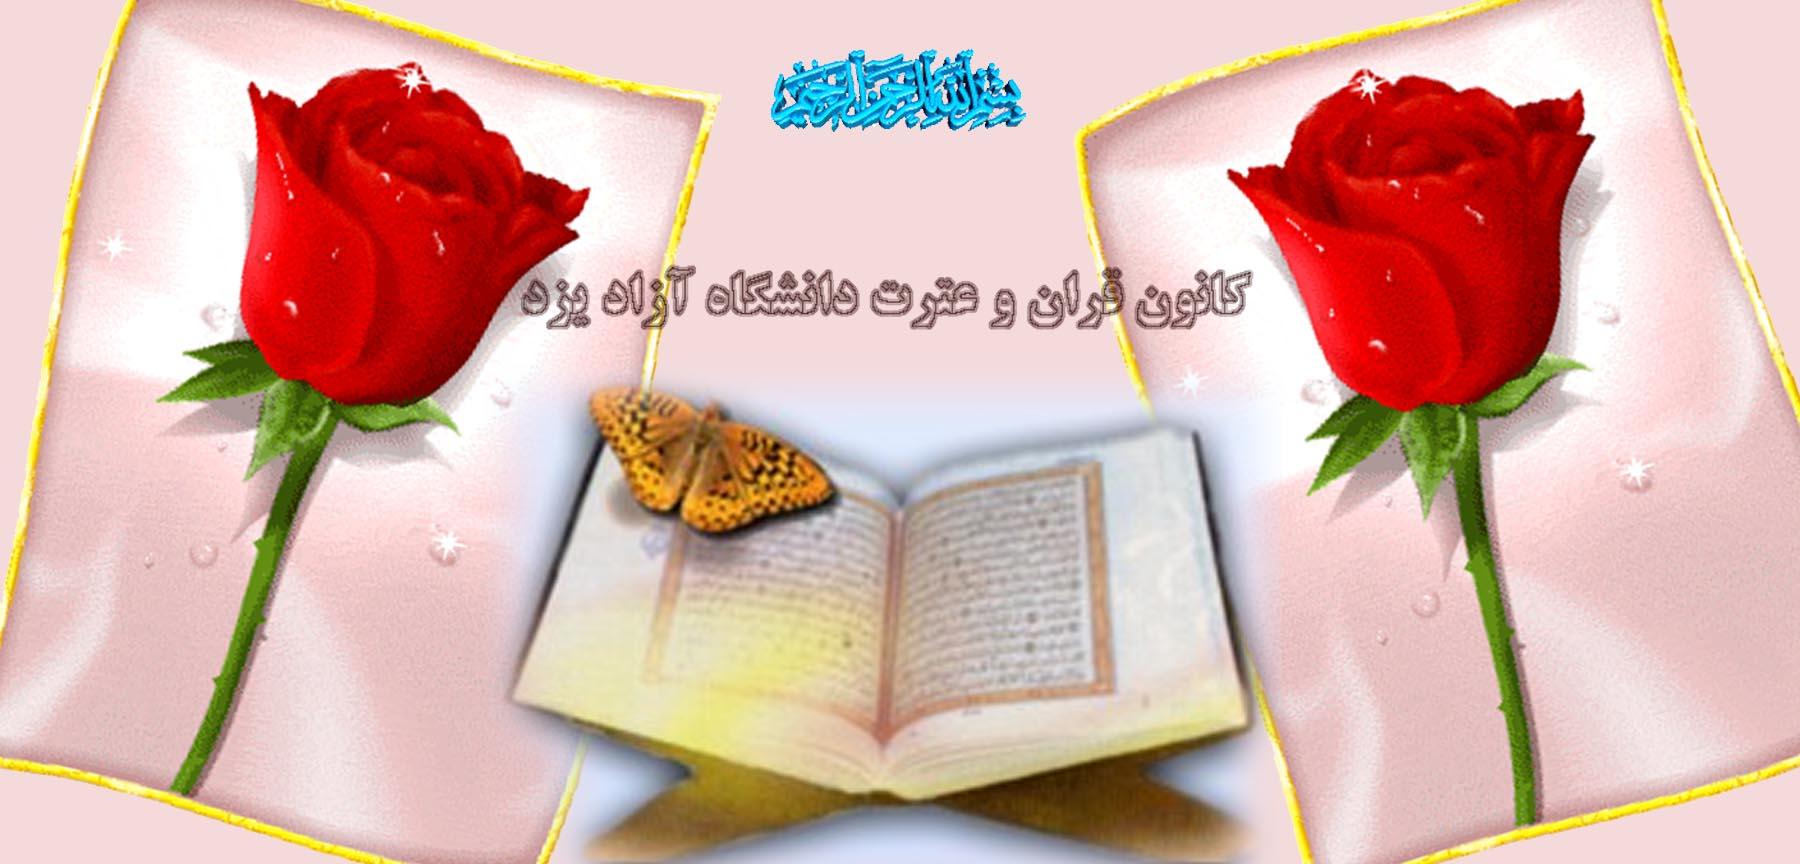 قطره معرفت - به روز رسانی :  10:18 ص 85/11/3 عنوان آخرین نوشته : امام حسین (ع)